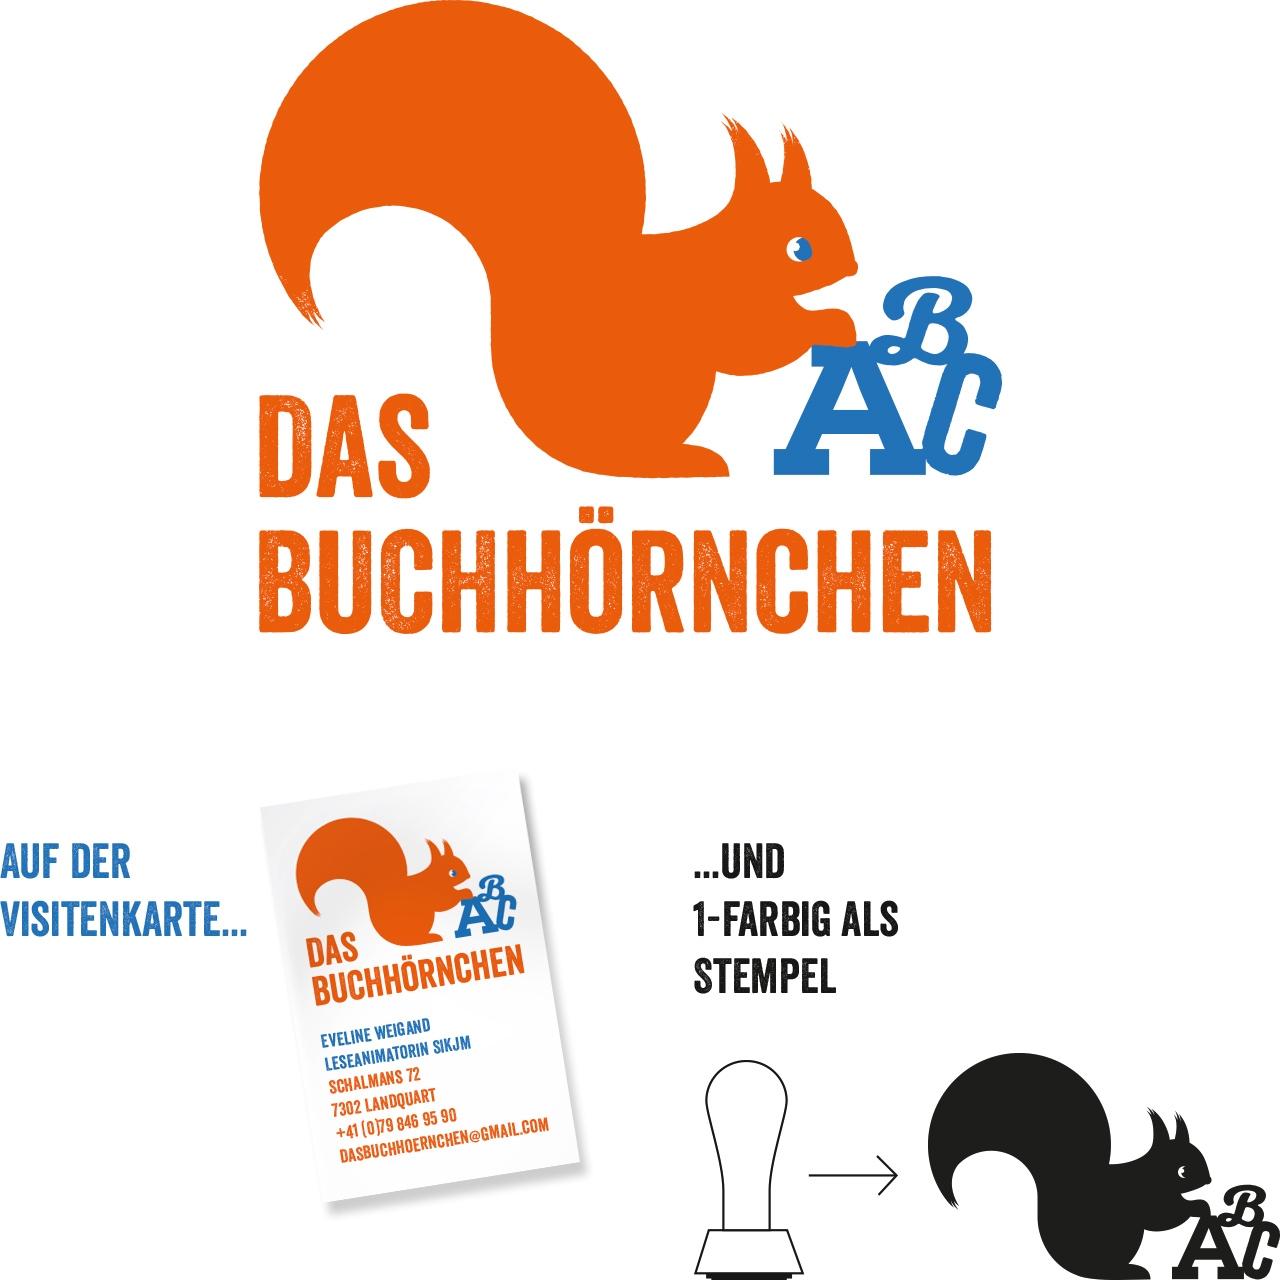 Buchhörnchen, Leseanimatorin SIKJM, Eveline Weigand